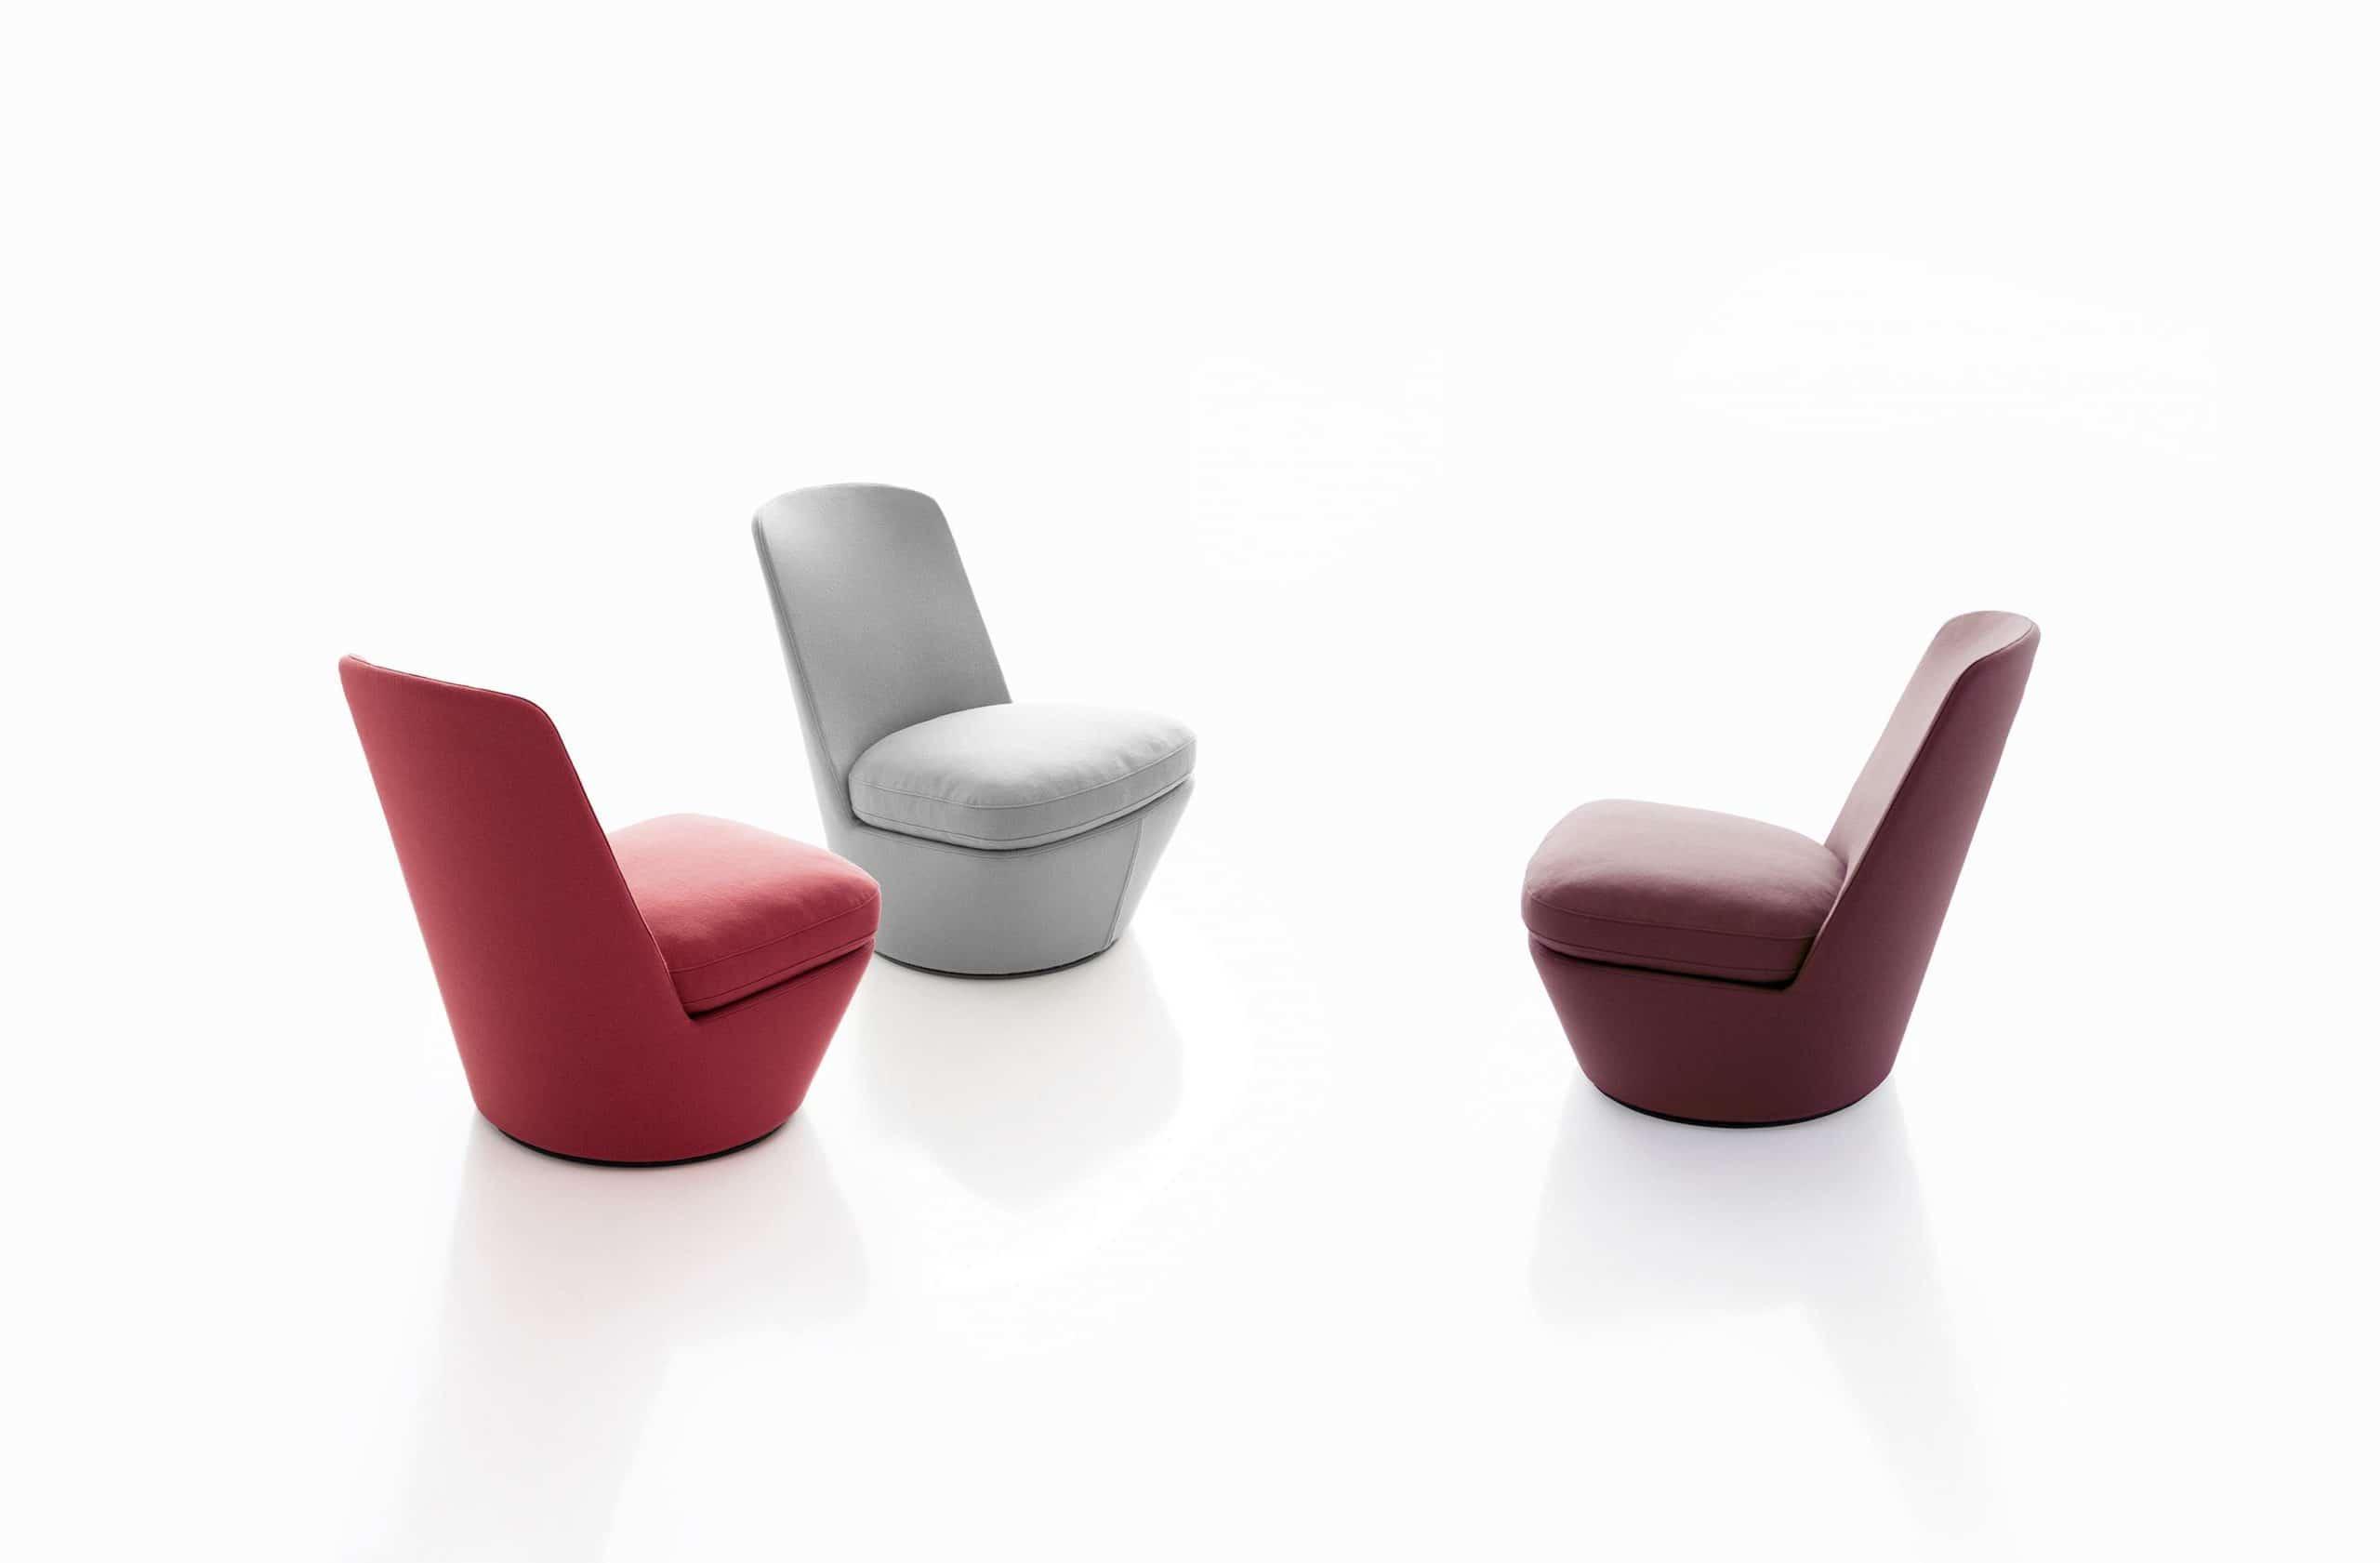 Bensen Pre chair 3 colors